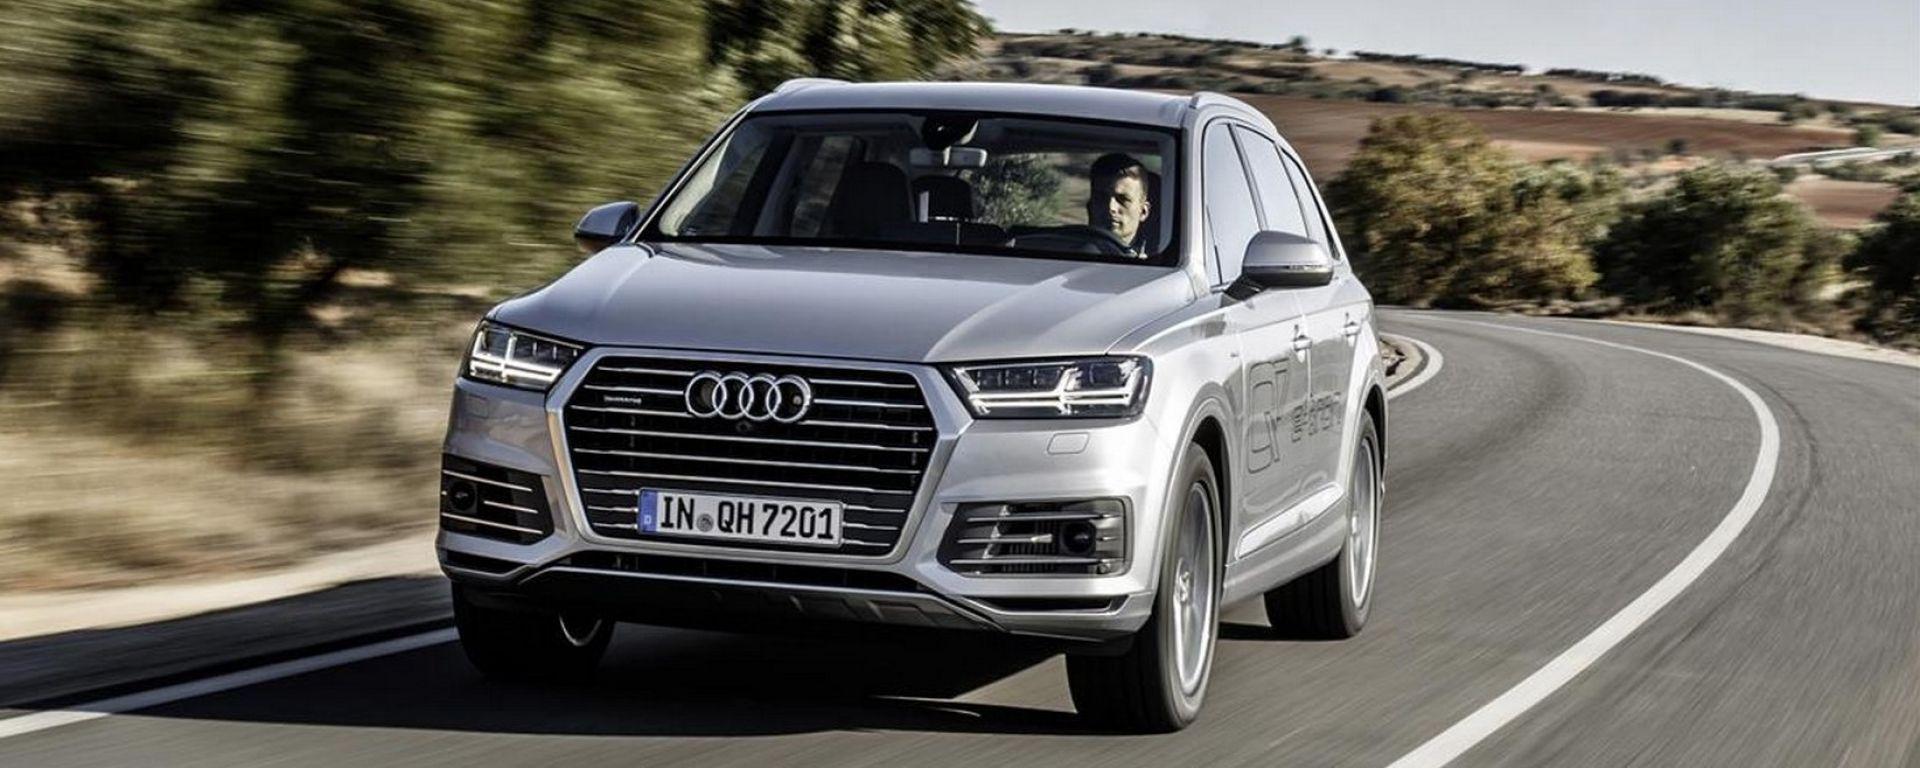 Audi Q7 e-tron, la prova